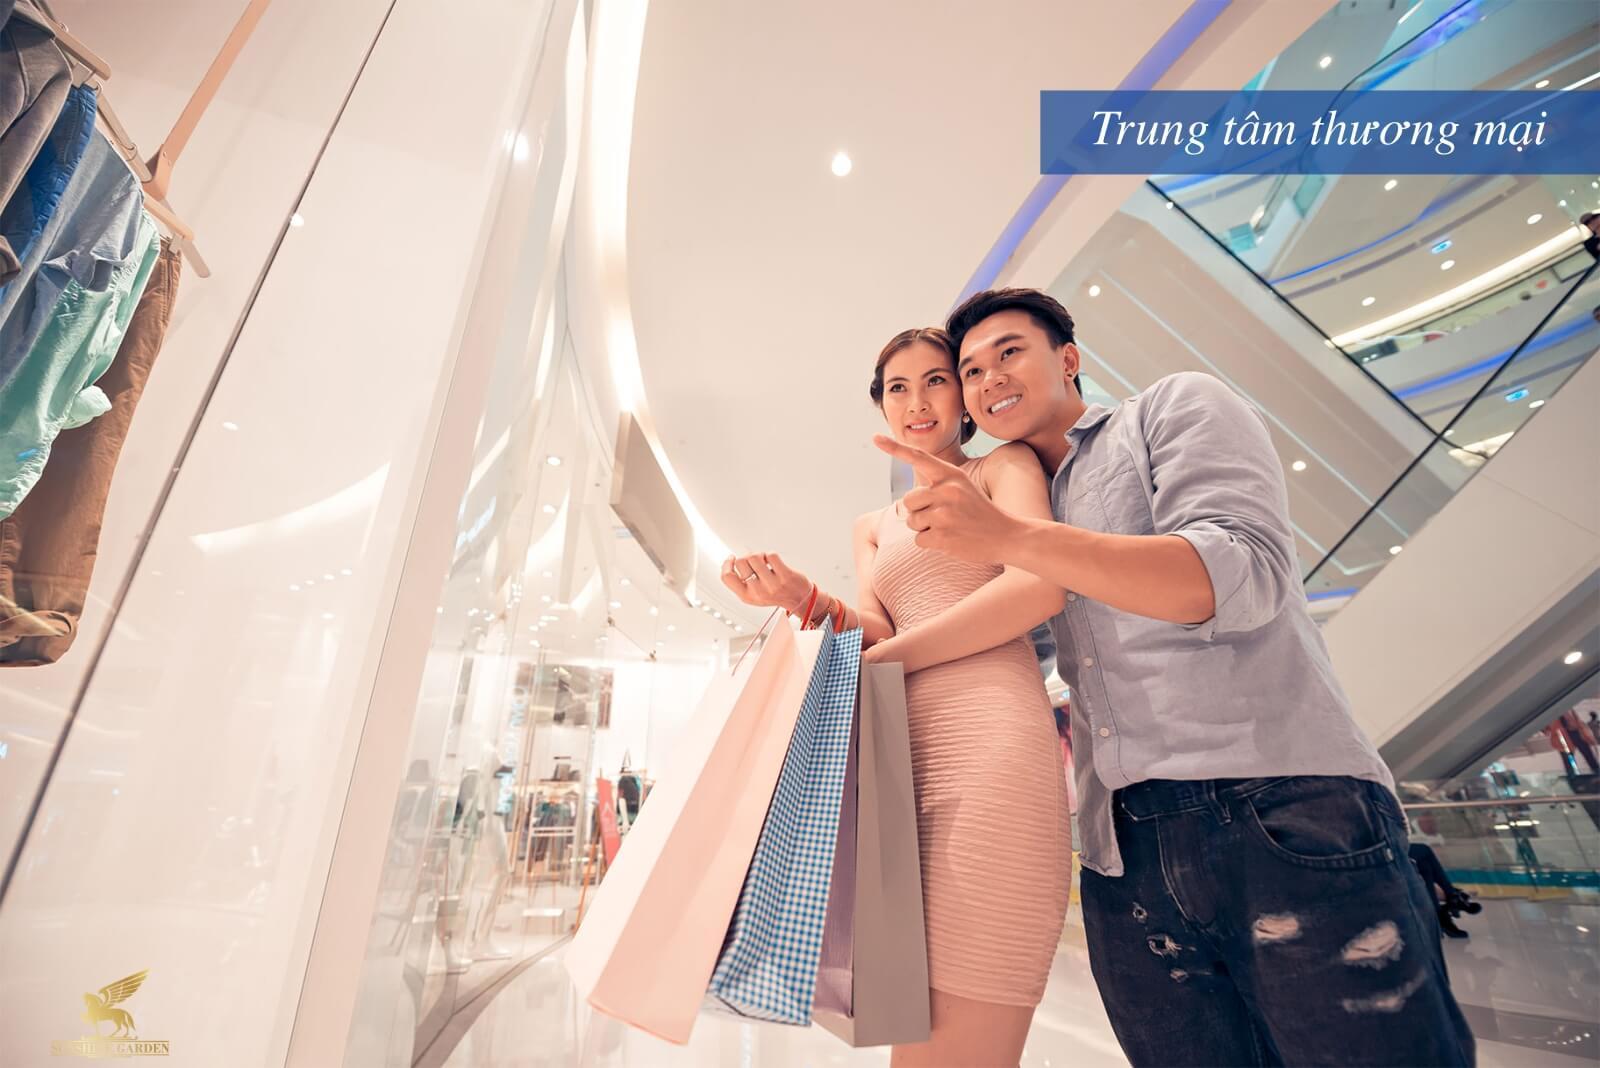 Trung tâm thương mại Sunshine Minh Khai